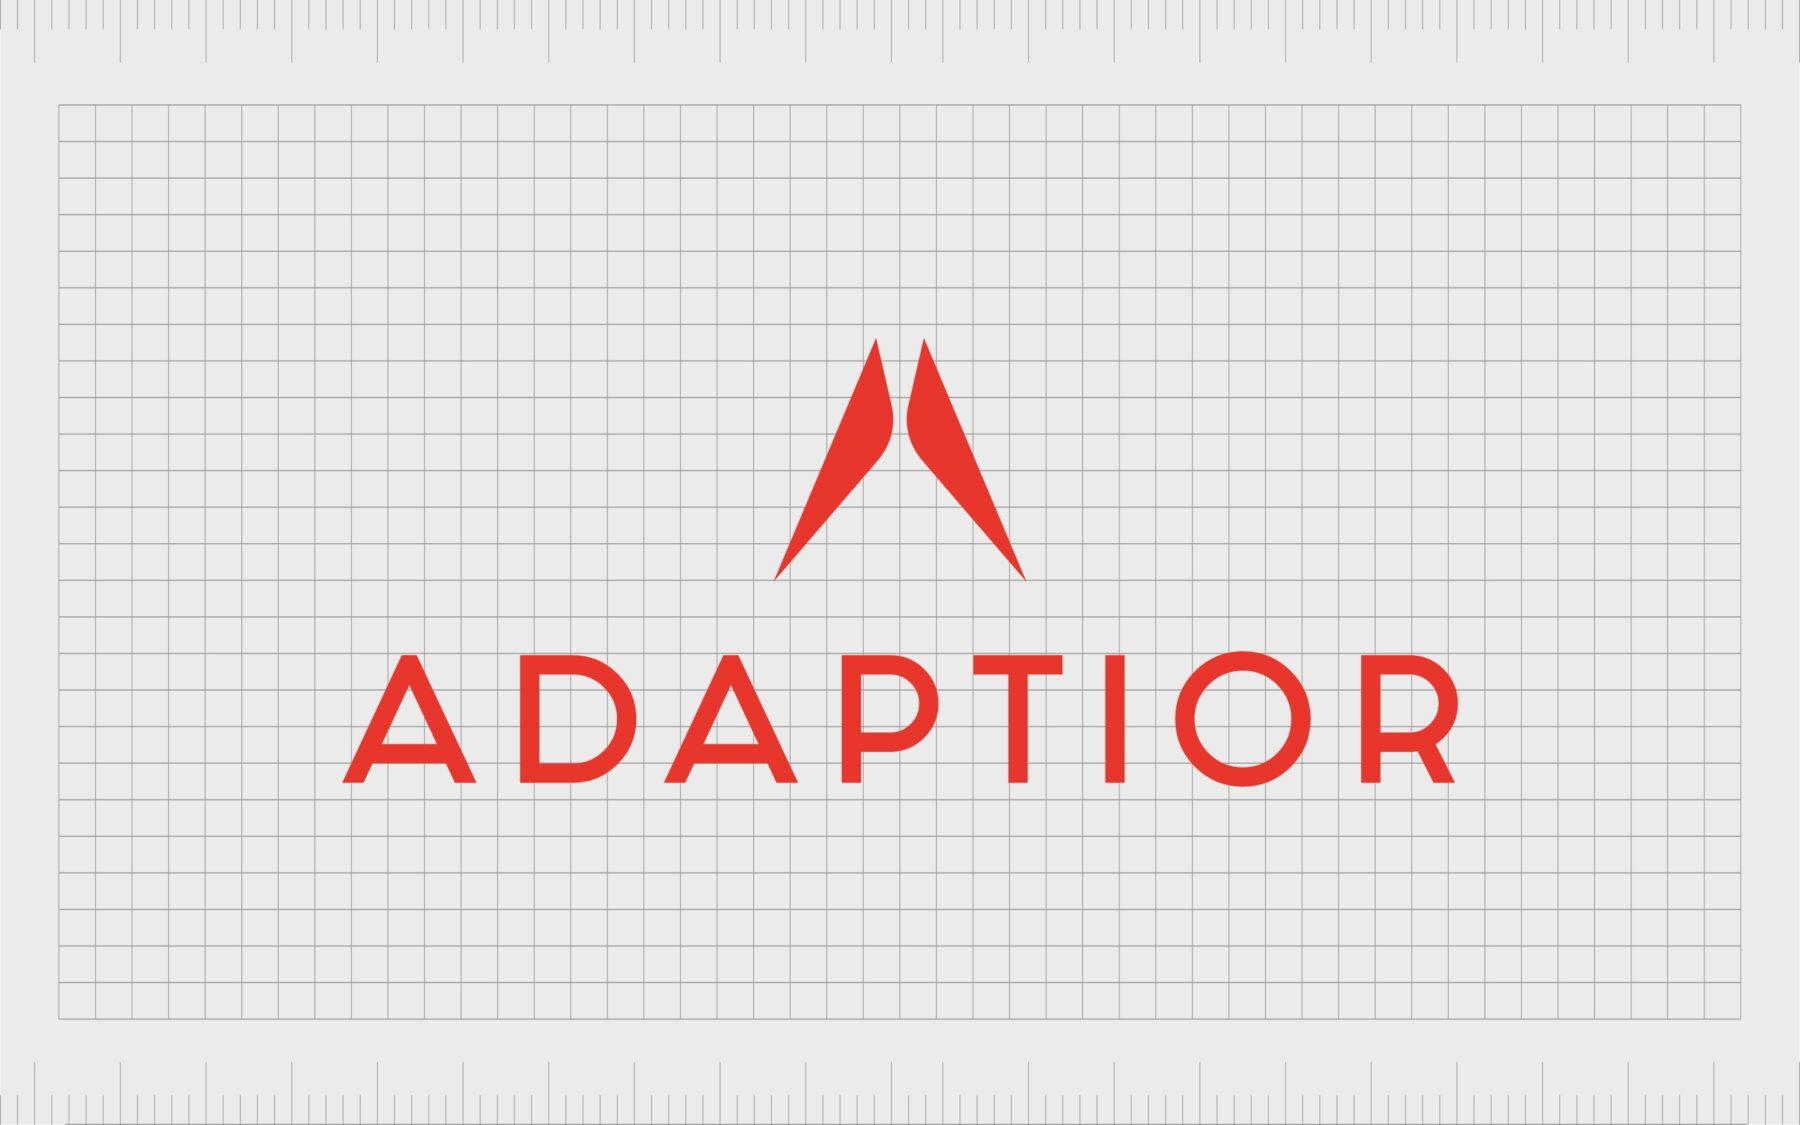 Adaptior